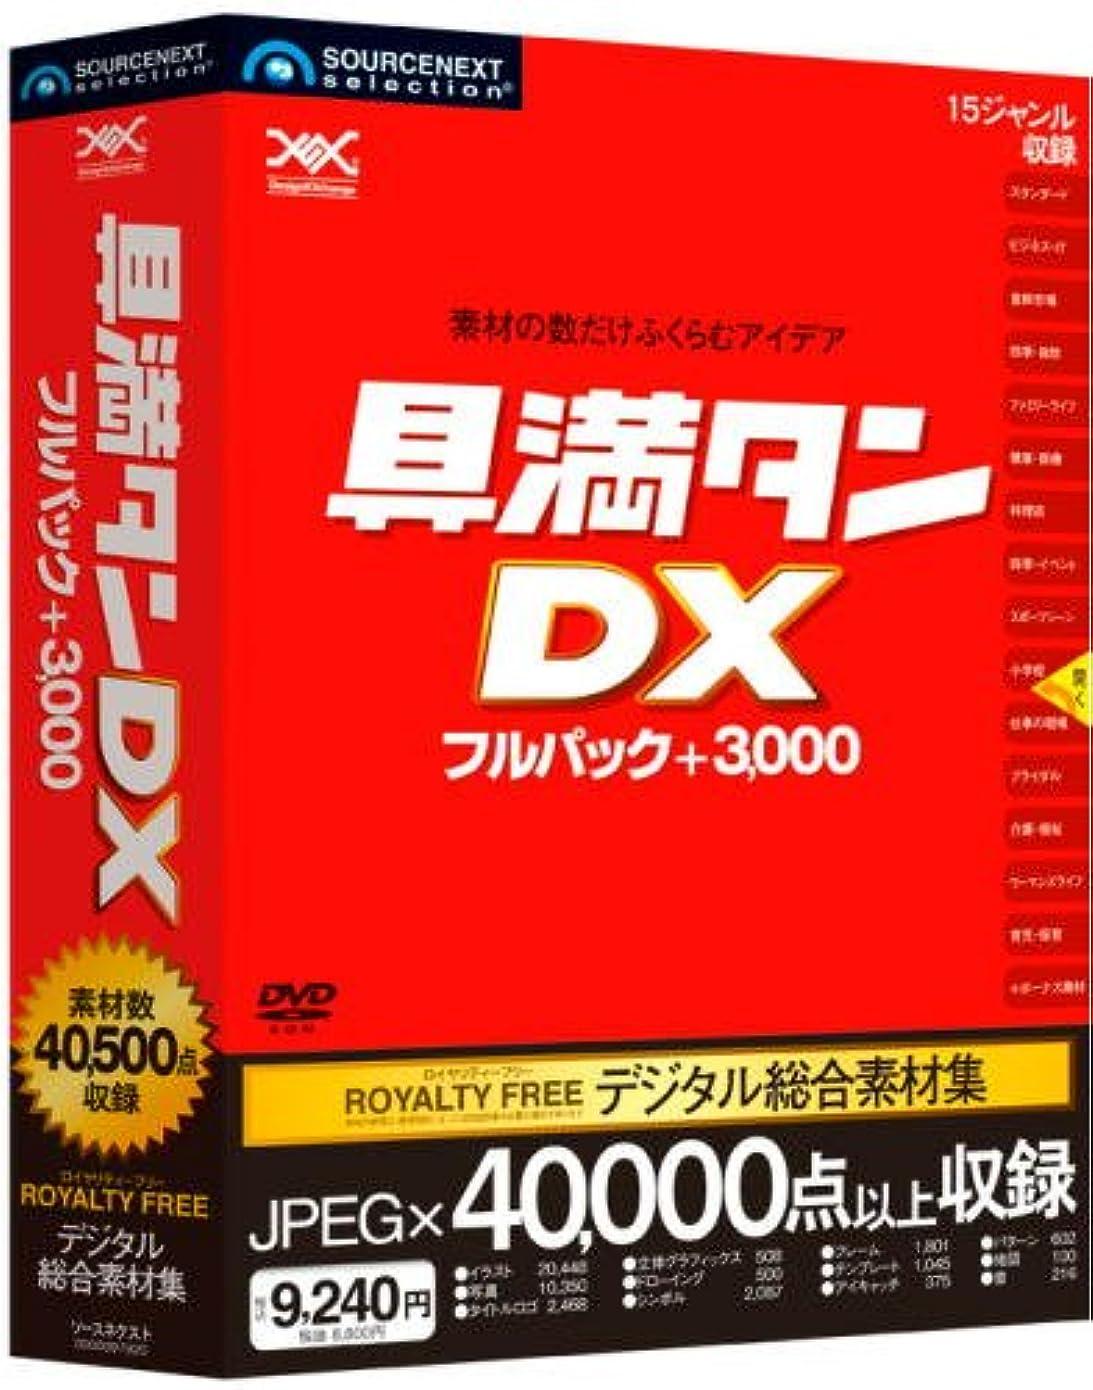 肉屋巡礼者雷雨具満タンDX フルパック +3000